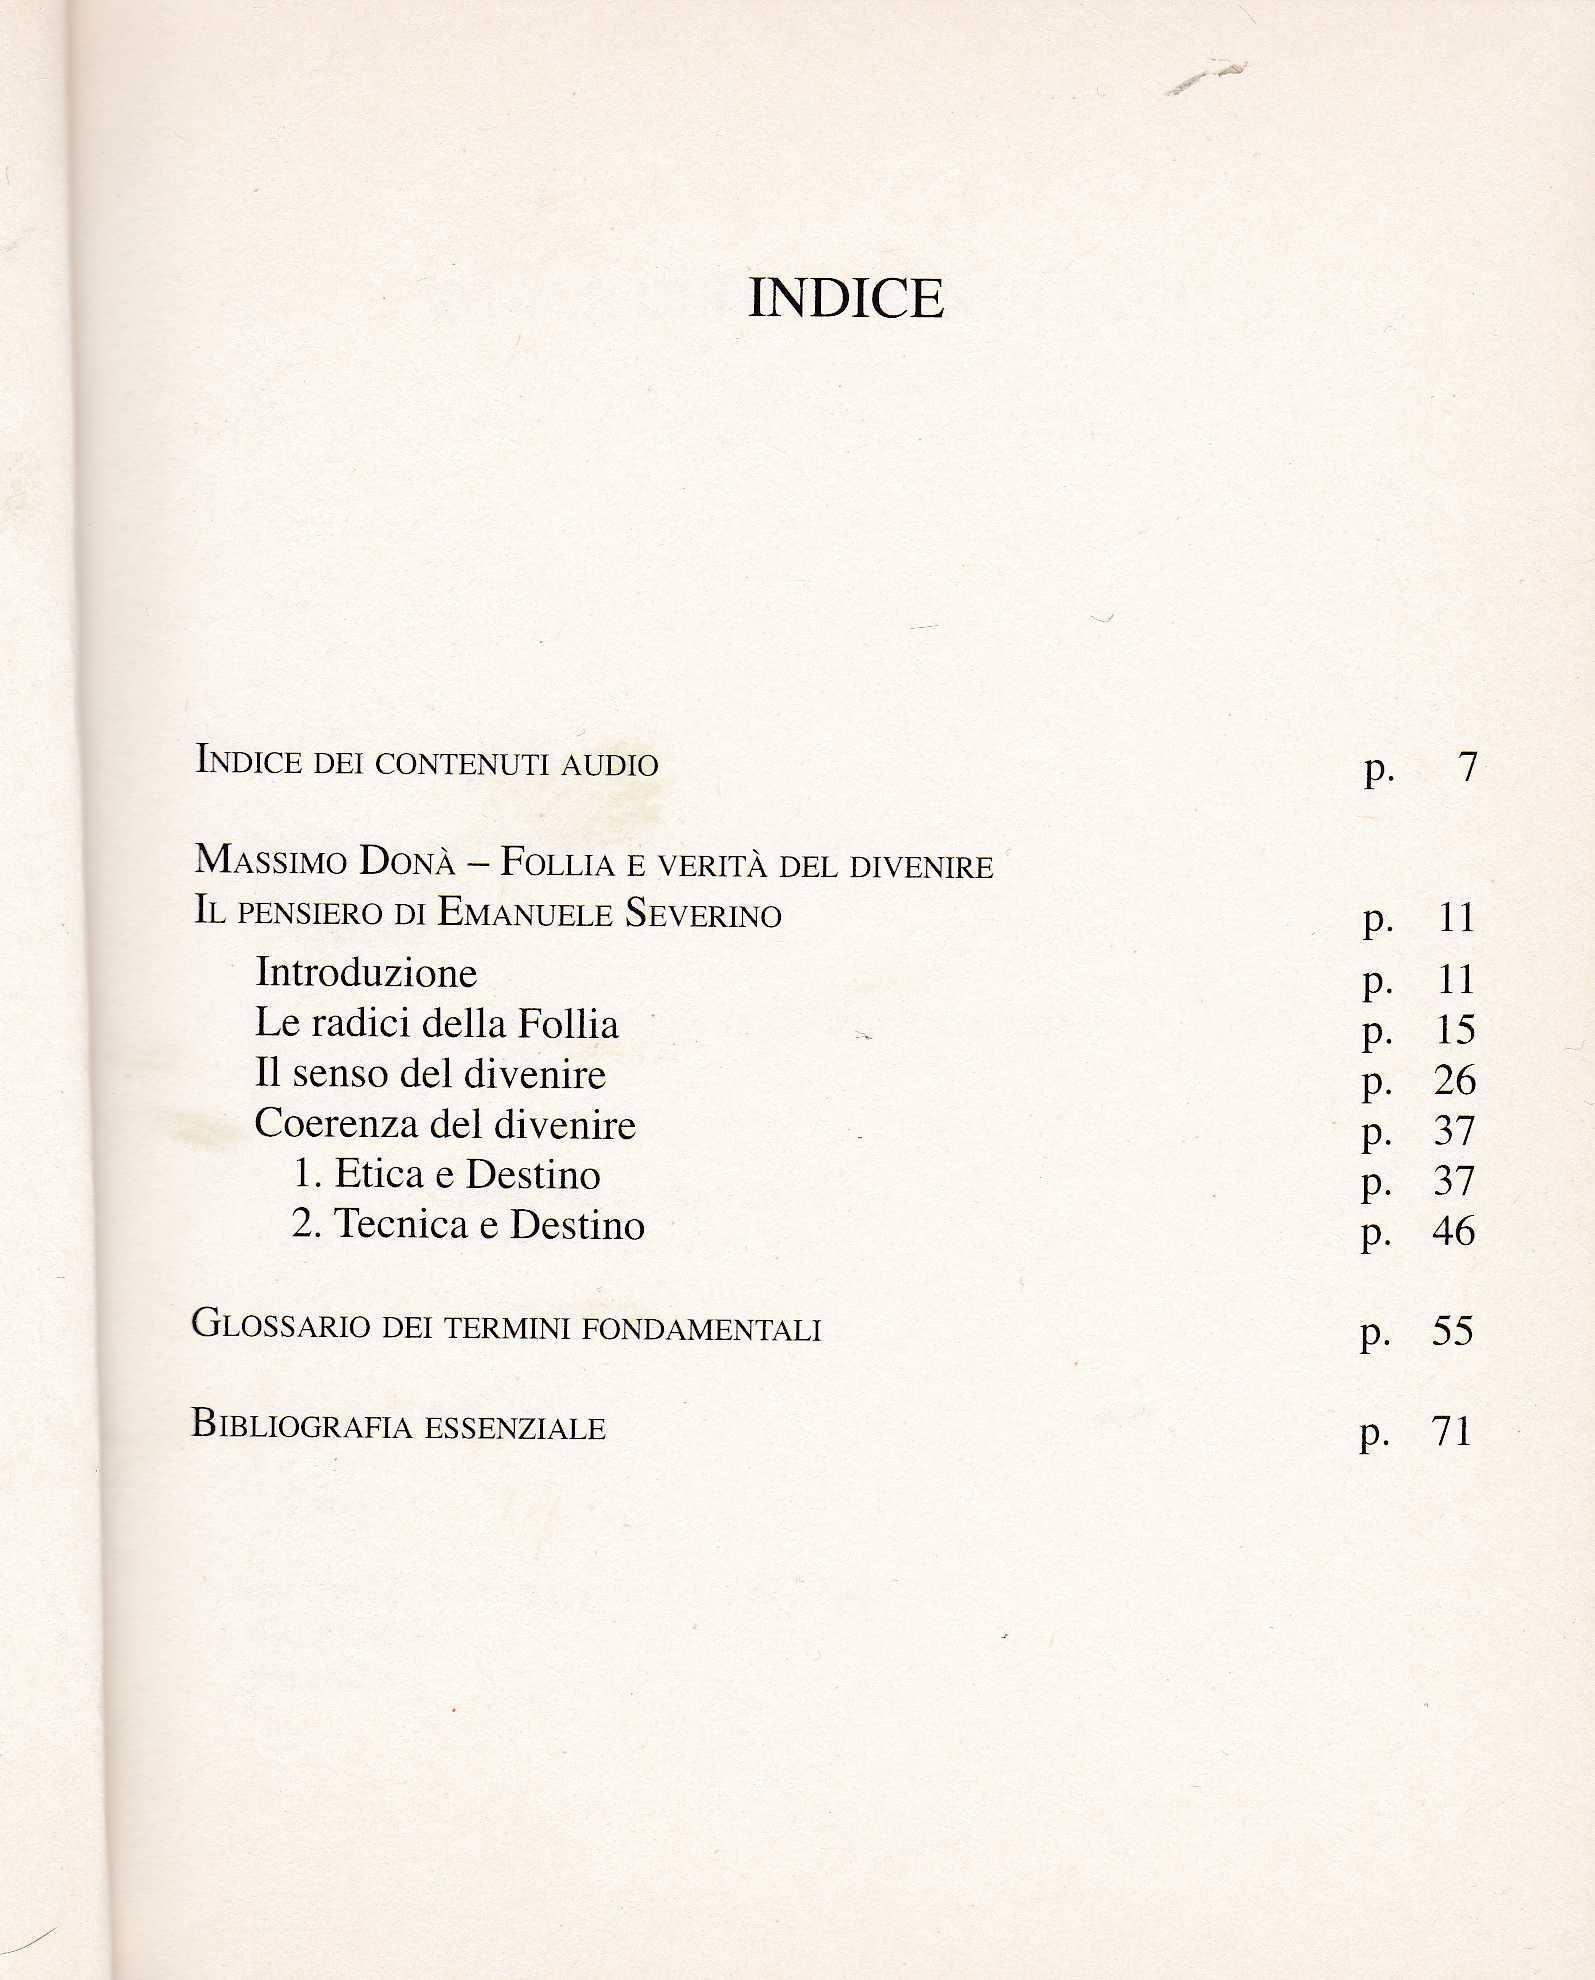 SEVERINO MIMESIS1907